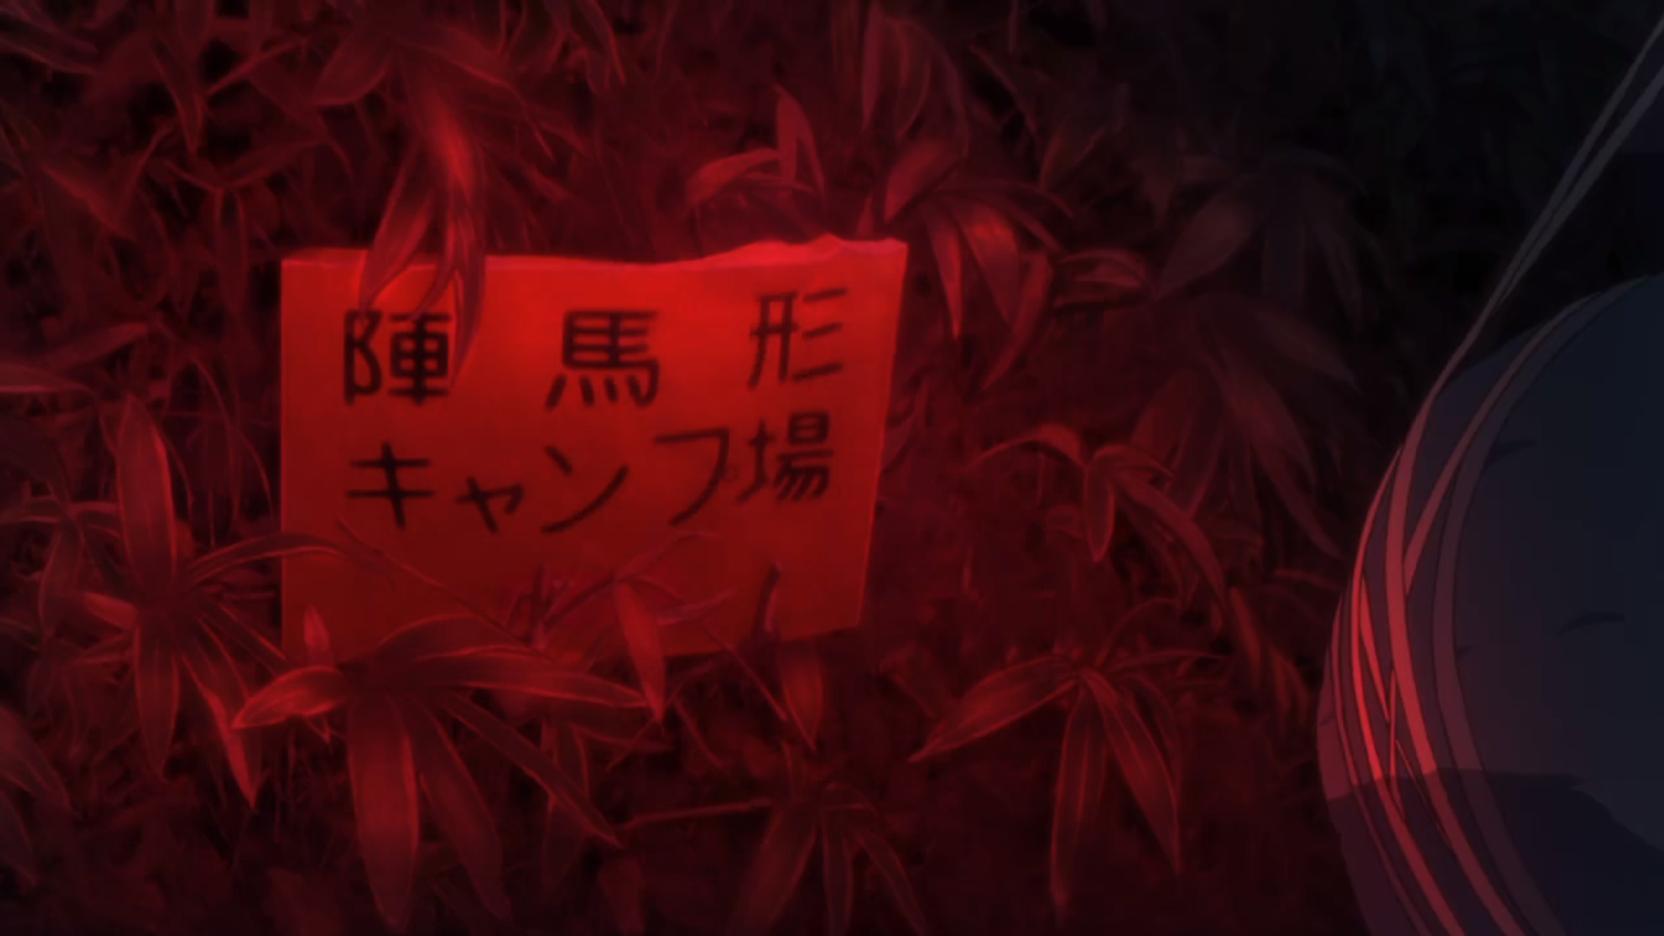 アニメ『ゆるキャン△』10話の陣馬形山キャンプ場